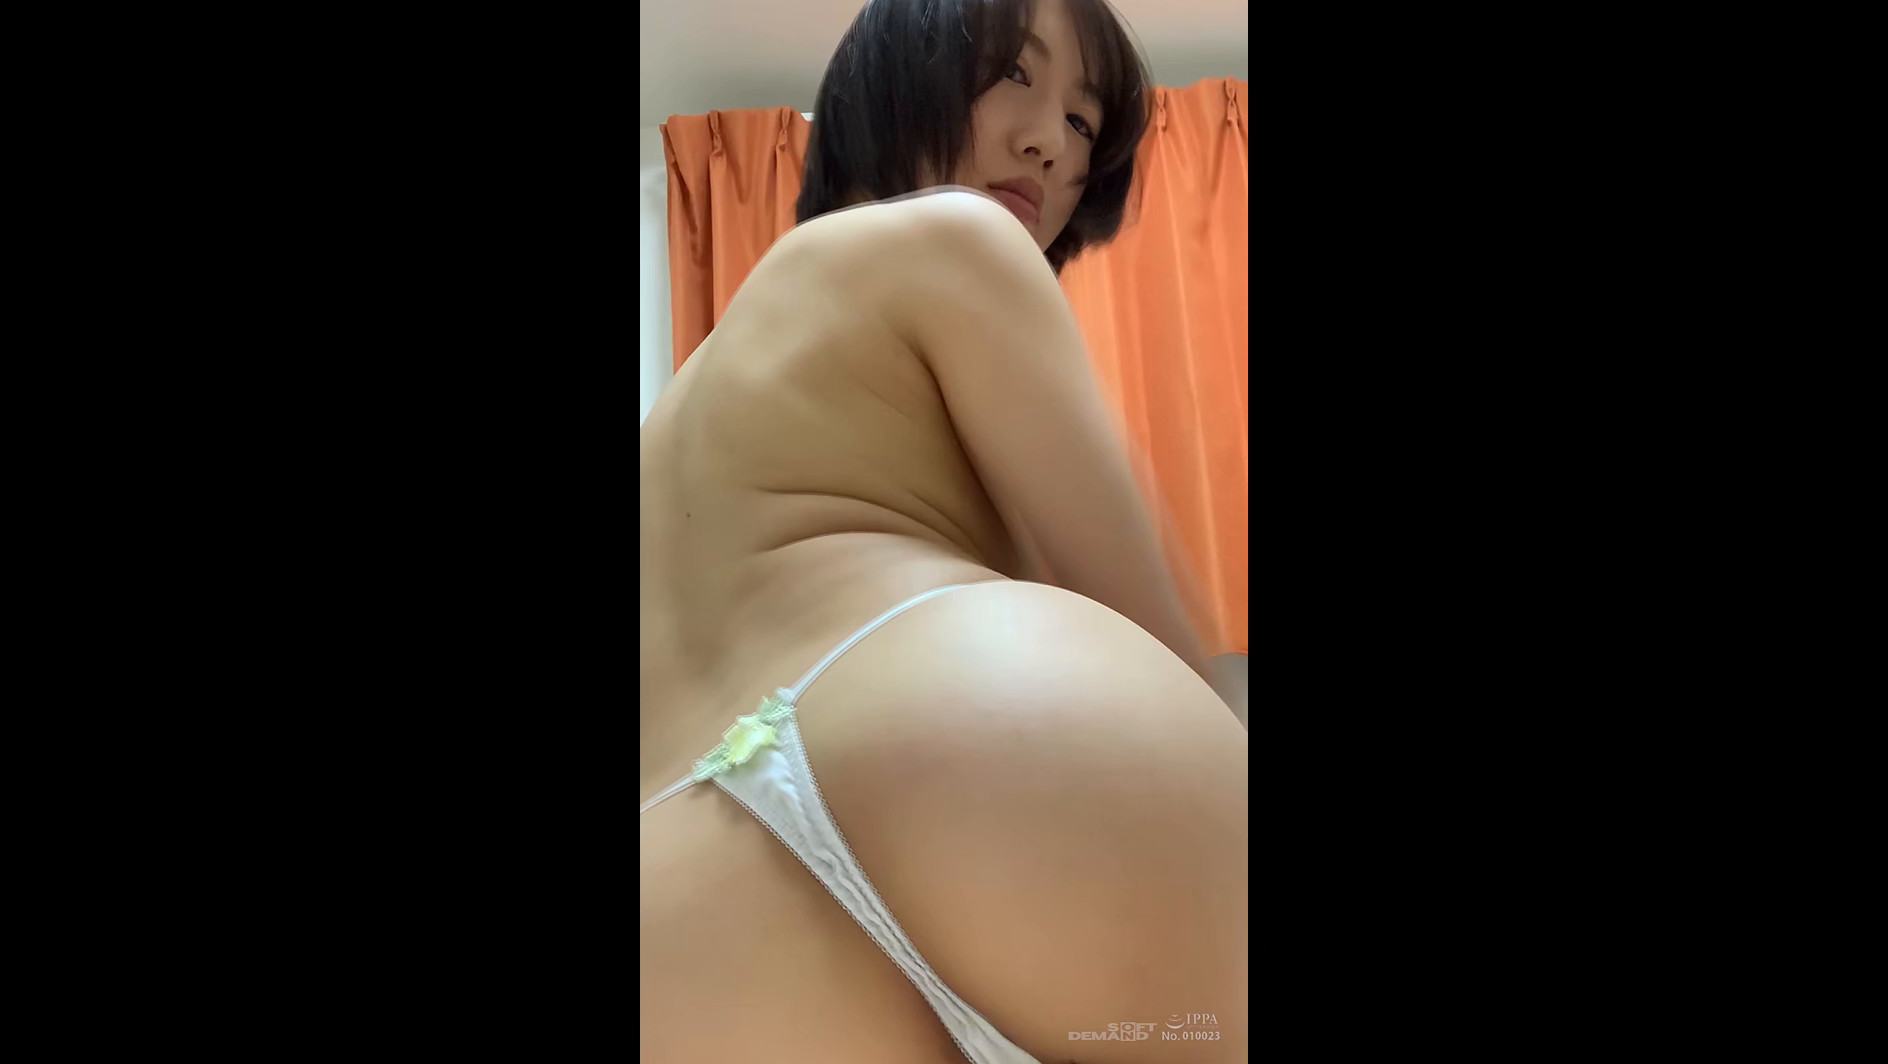 ビデオ通話エッチ JOI ユイ 【縦動画】 画像9